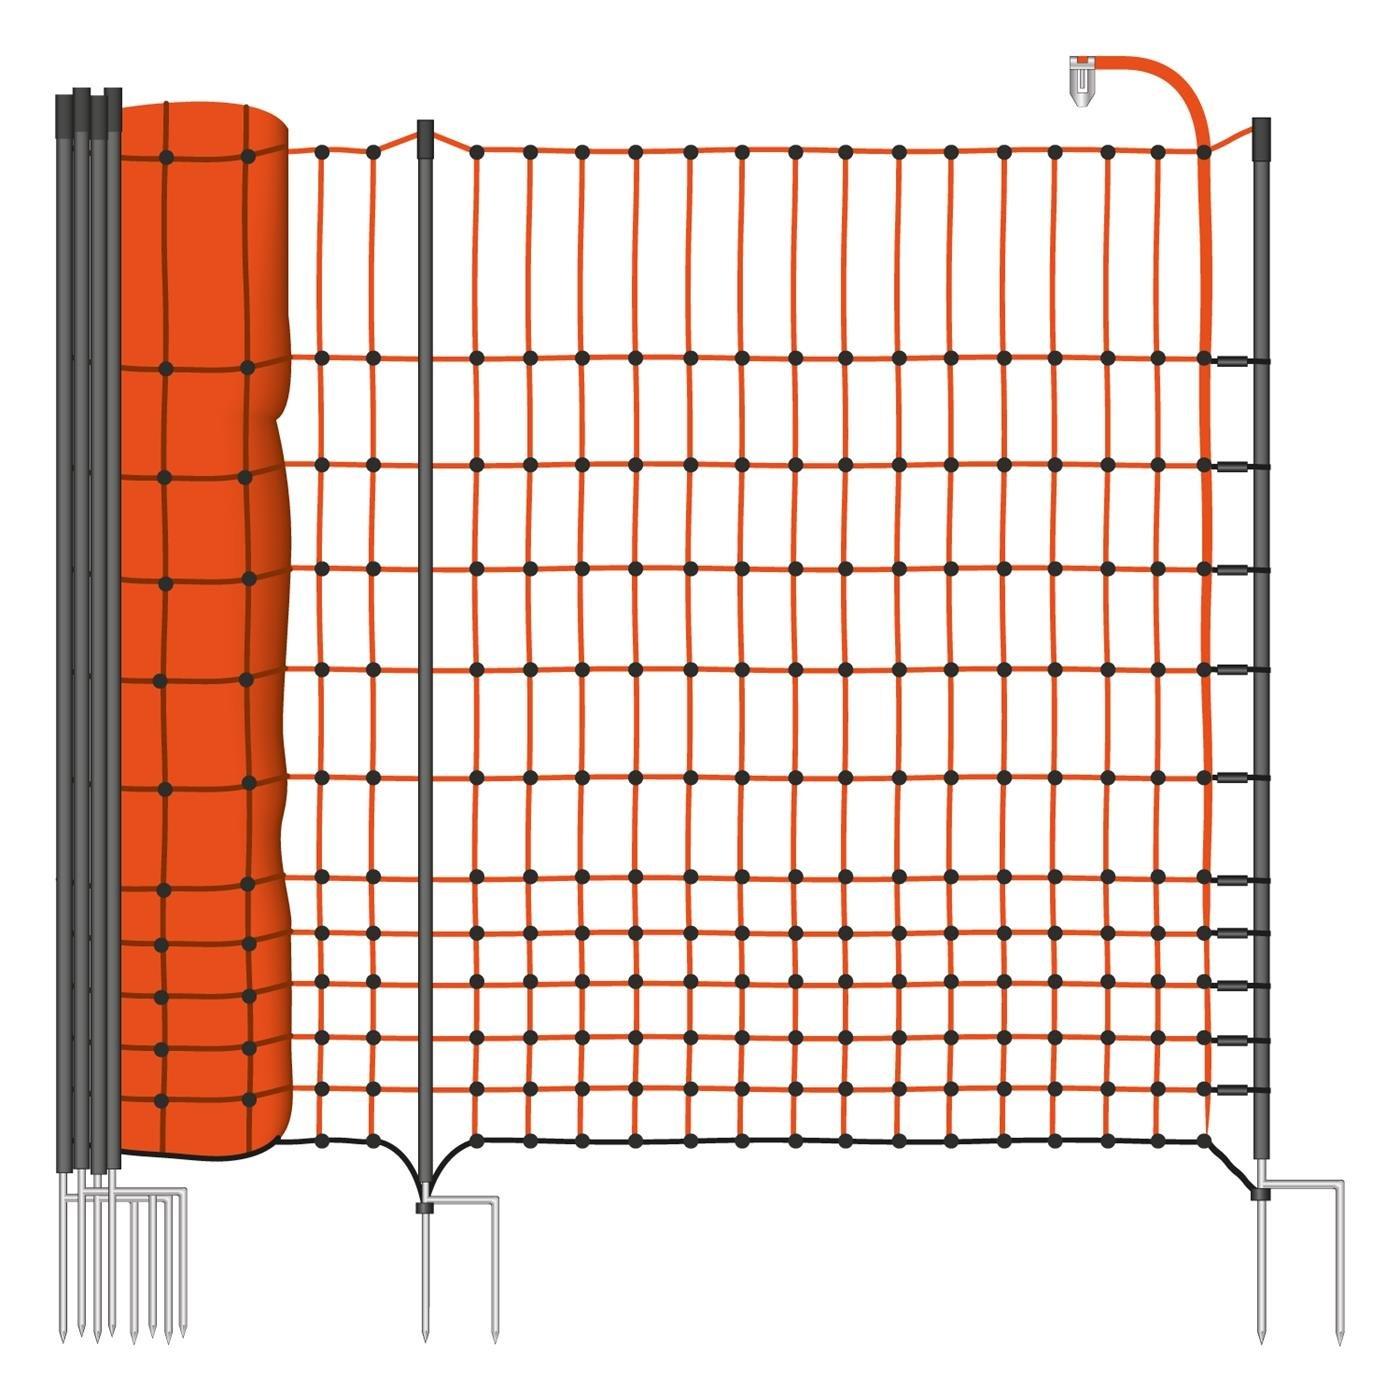 50 m Premium Hühnerzaun, Geflügelzaun/-netz, Kleintiernetz, 112 cm, 20 Pfähle, 2 Spitzen von VOSS.farming farmNet